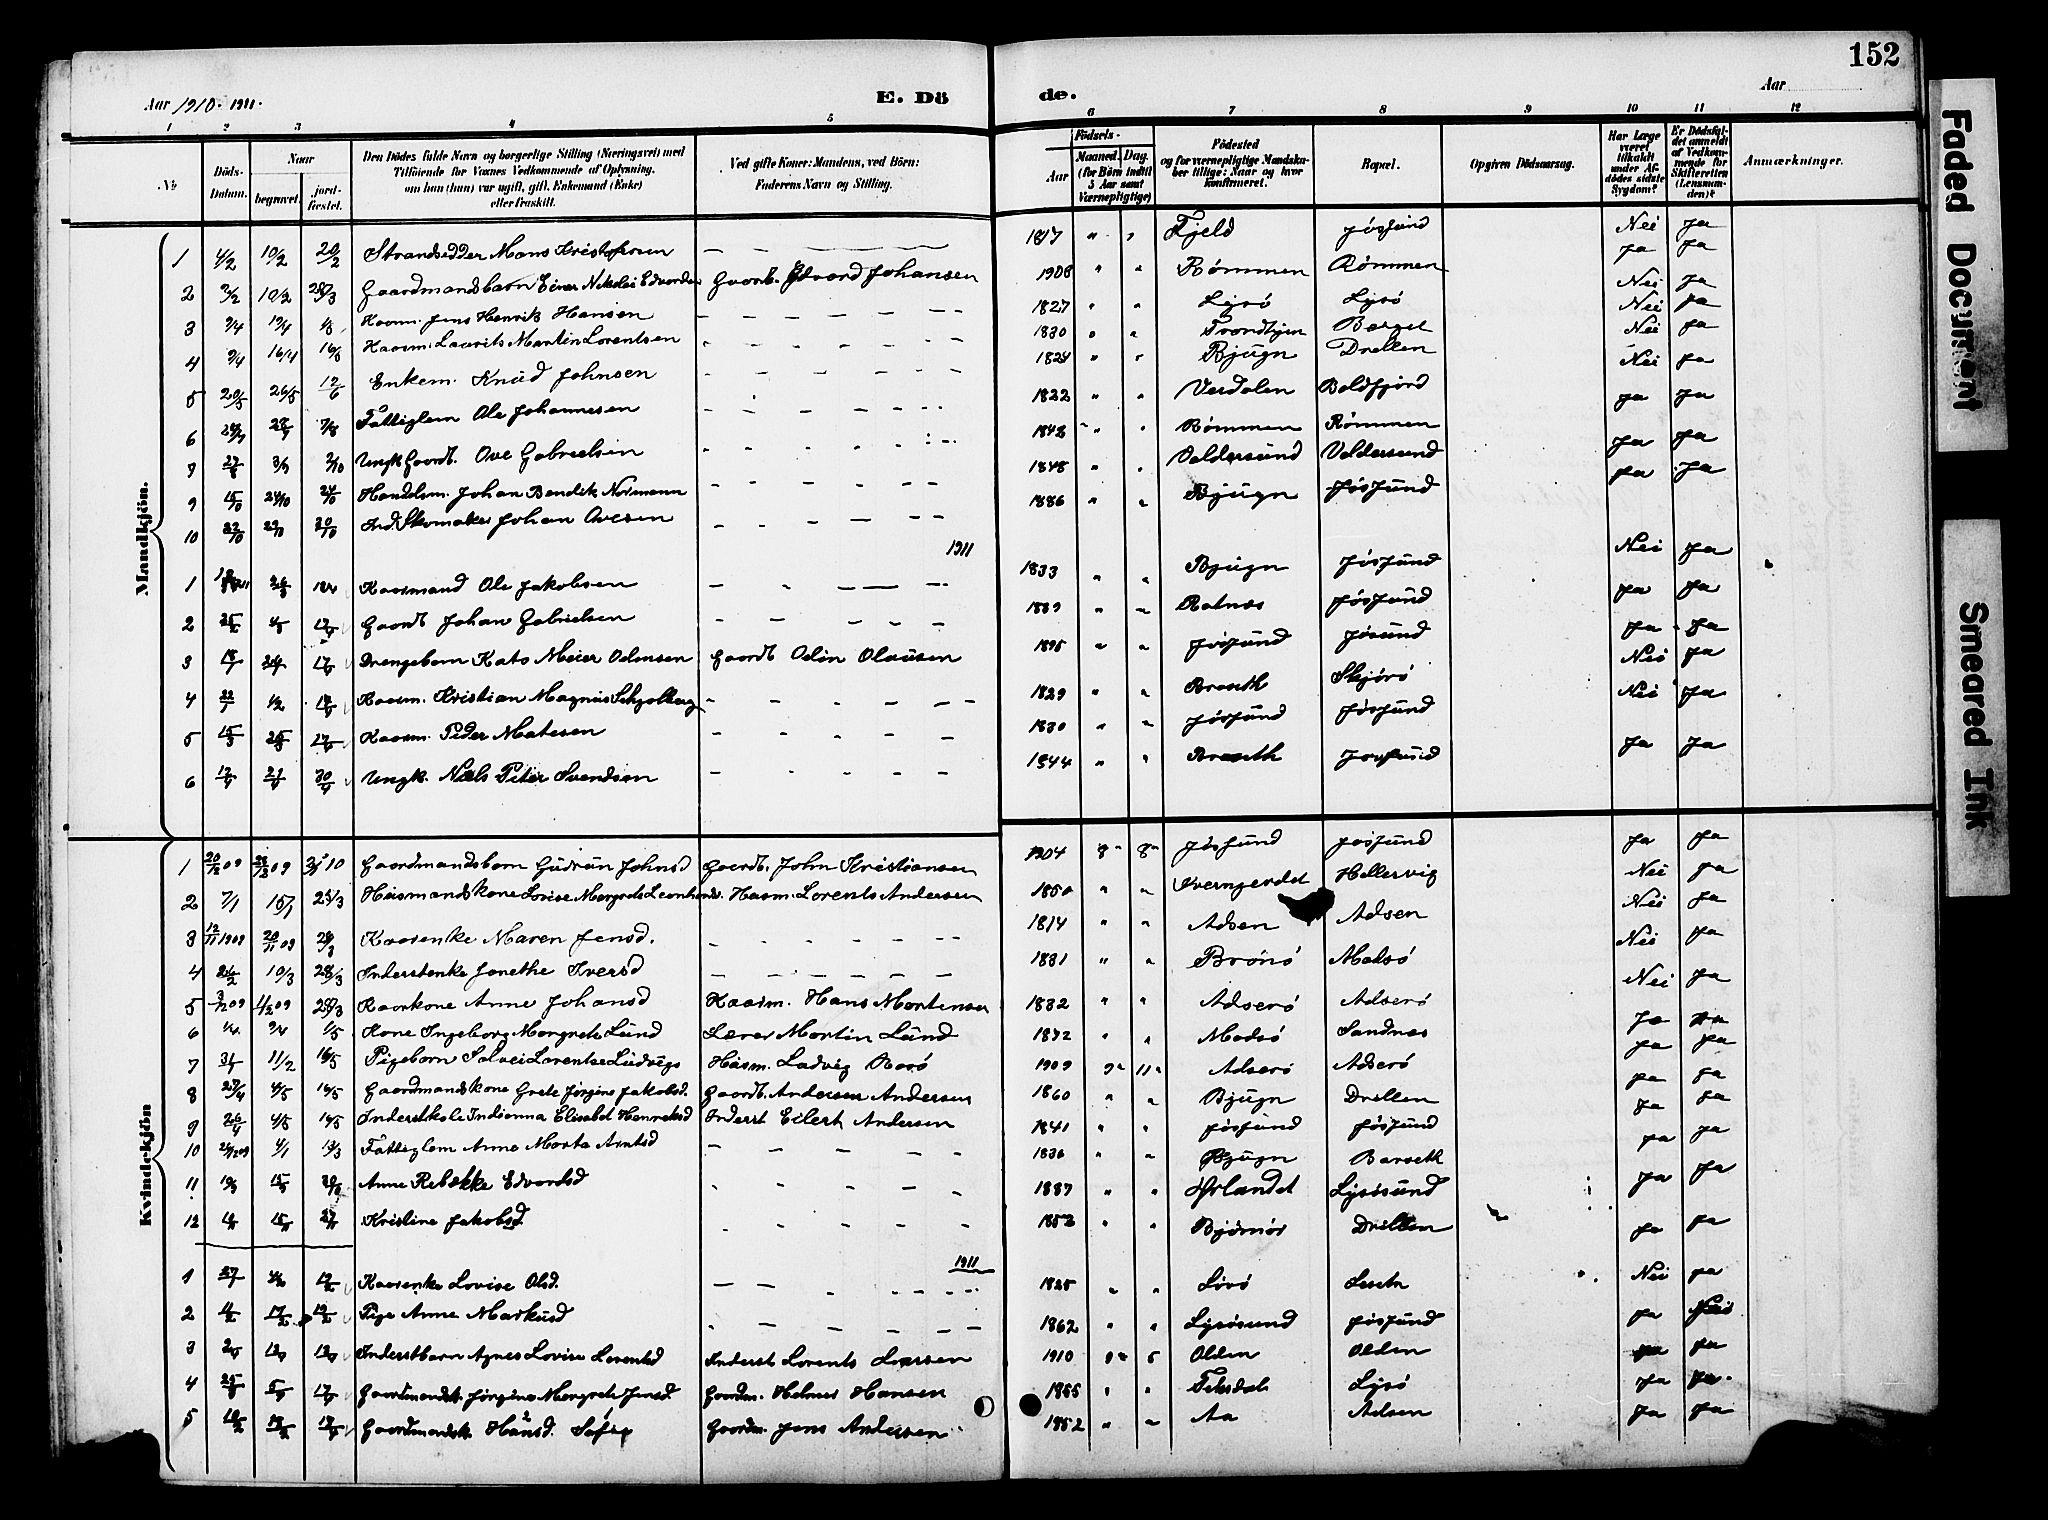 SAT, Ministerialprotokoller, klokkerbøker og fødselsregistre - Sør-Trøndelag, 654/L0666: Klokkerbok nr. 654C02, 1901-1925, s. 152